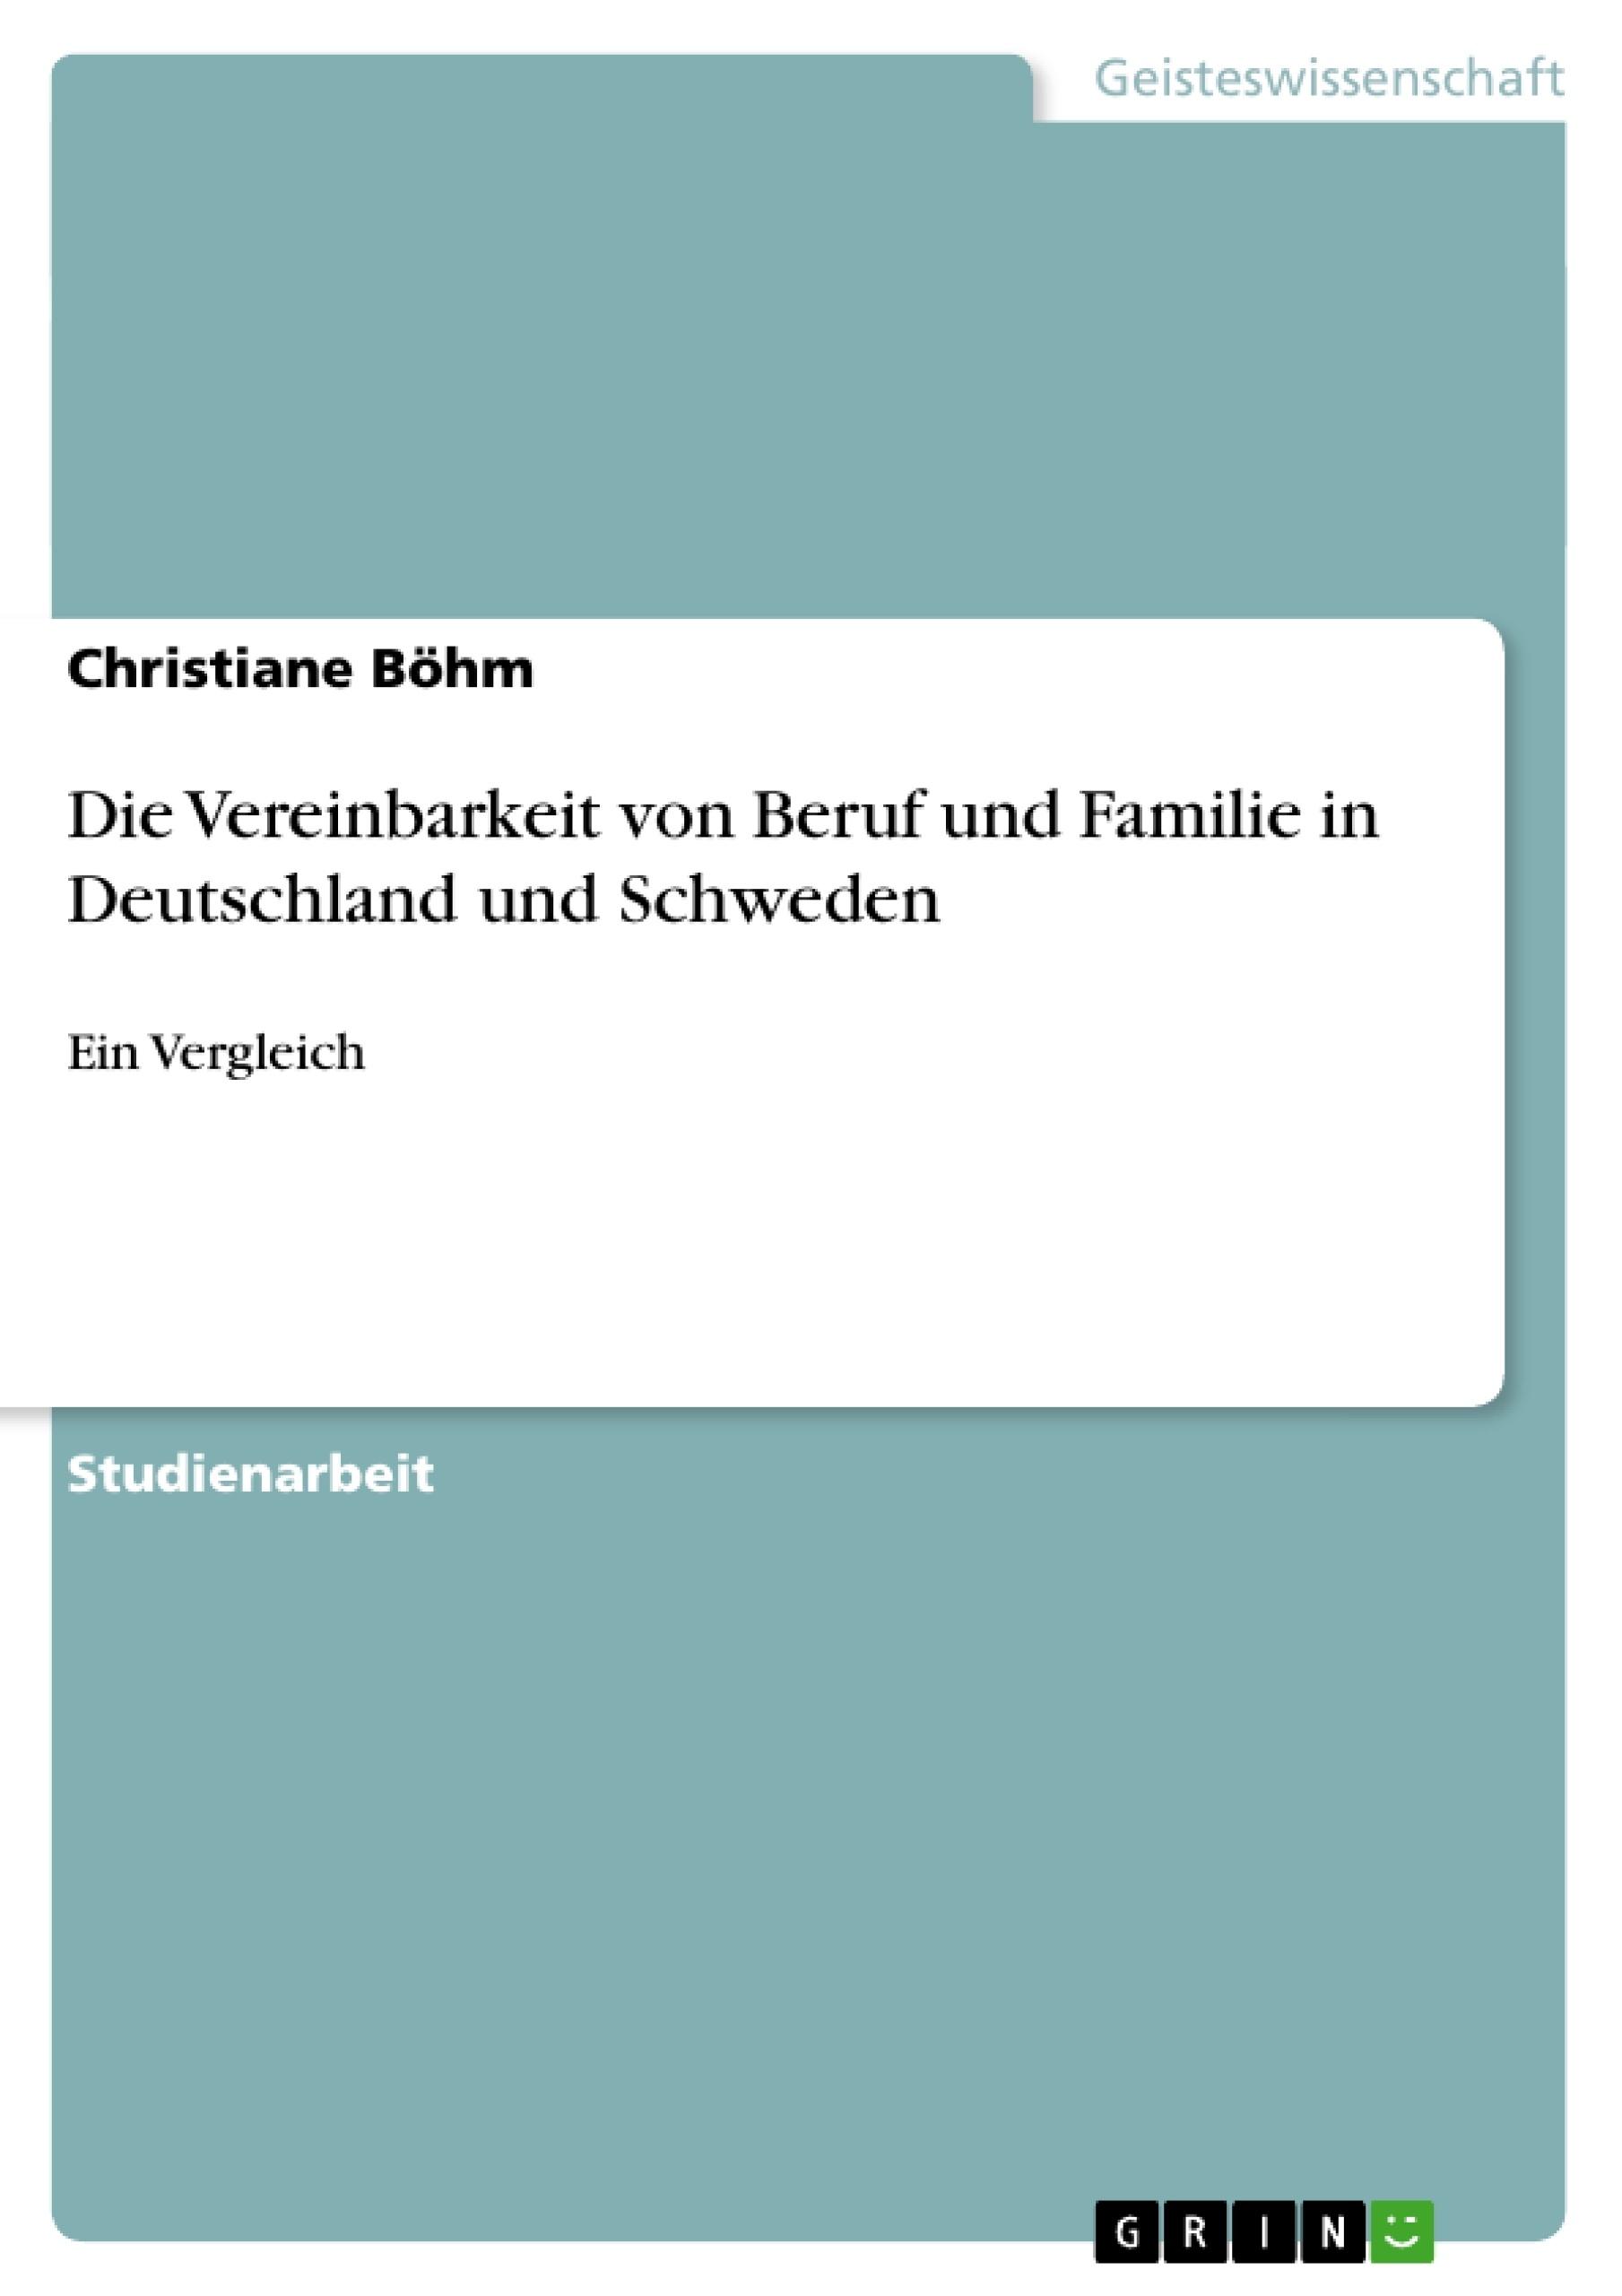 Titel: Die Vereinbarkeit von Beruf und Familie in Deutschland und Schweden